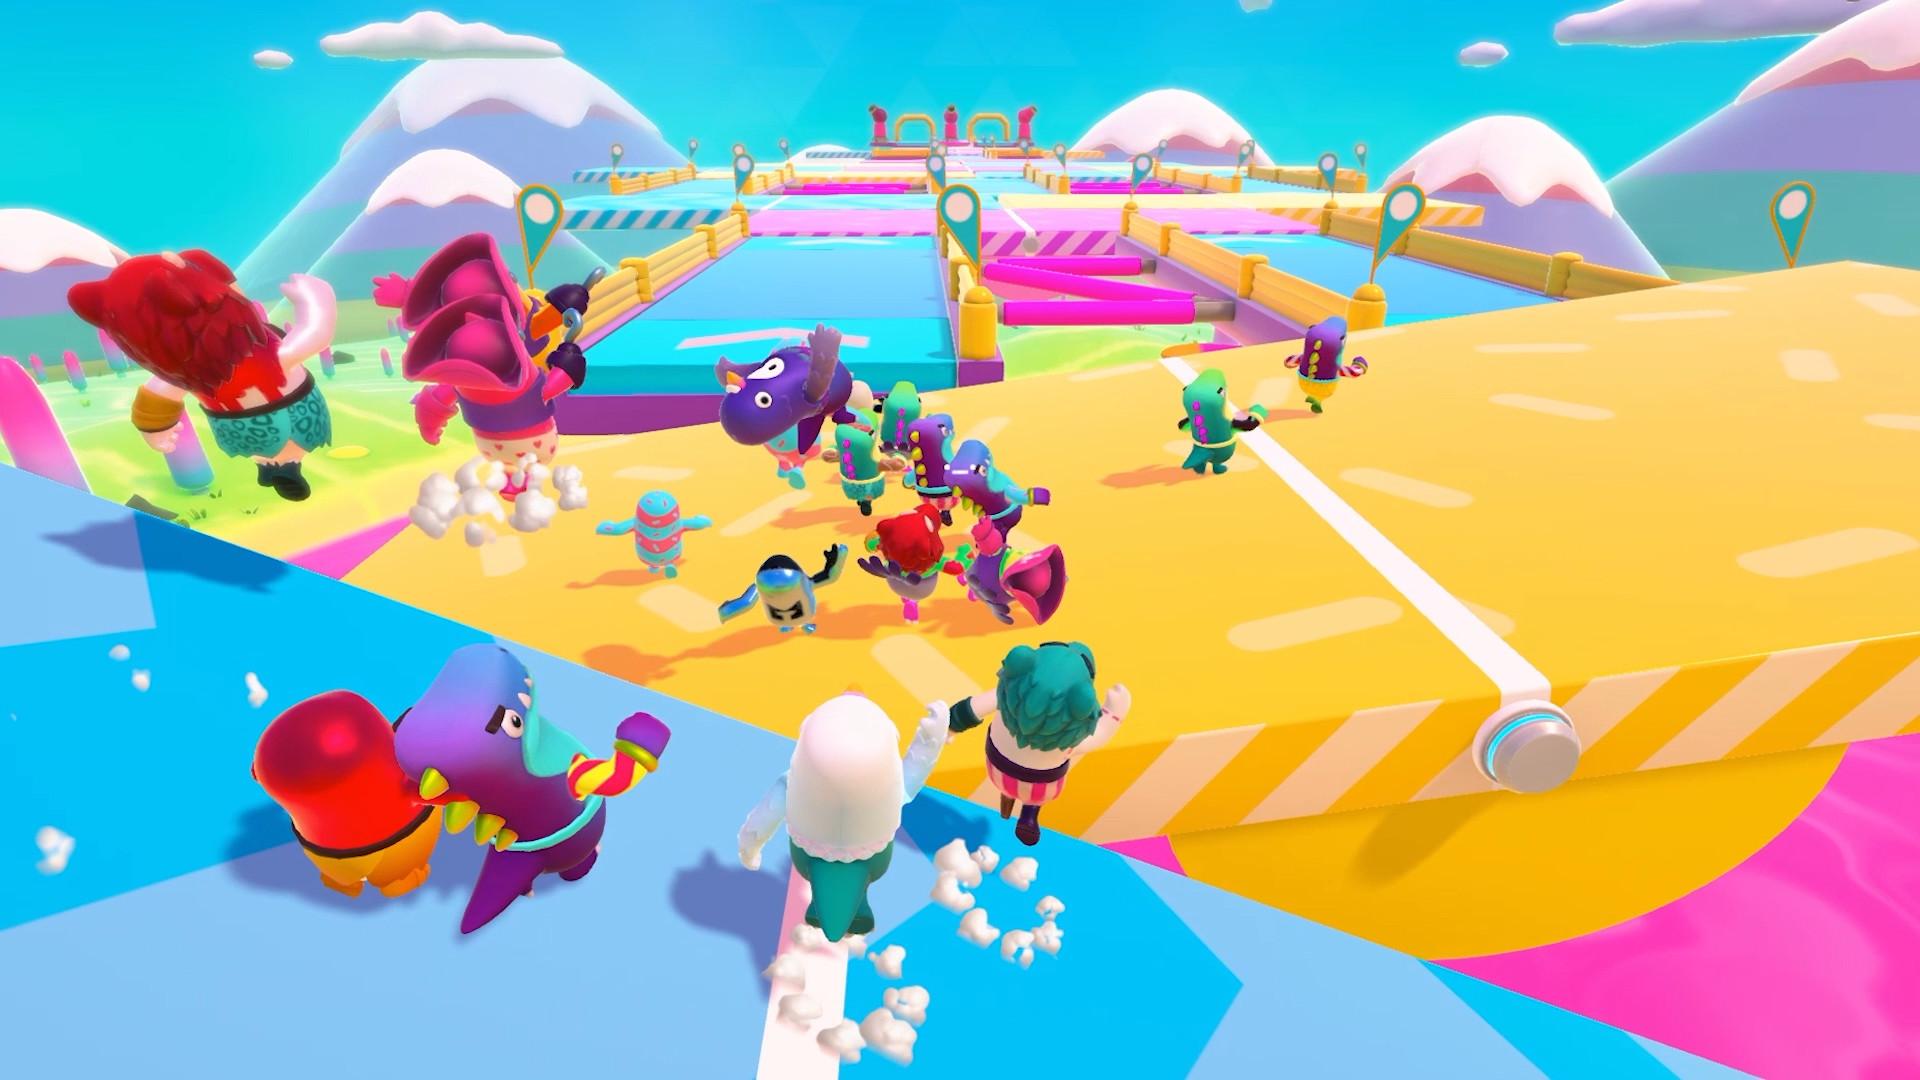 游戏中的博弈论 《糖豆人》为大逃杀展开了一条新思路 (16)